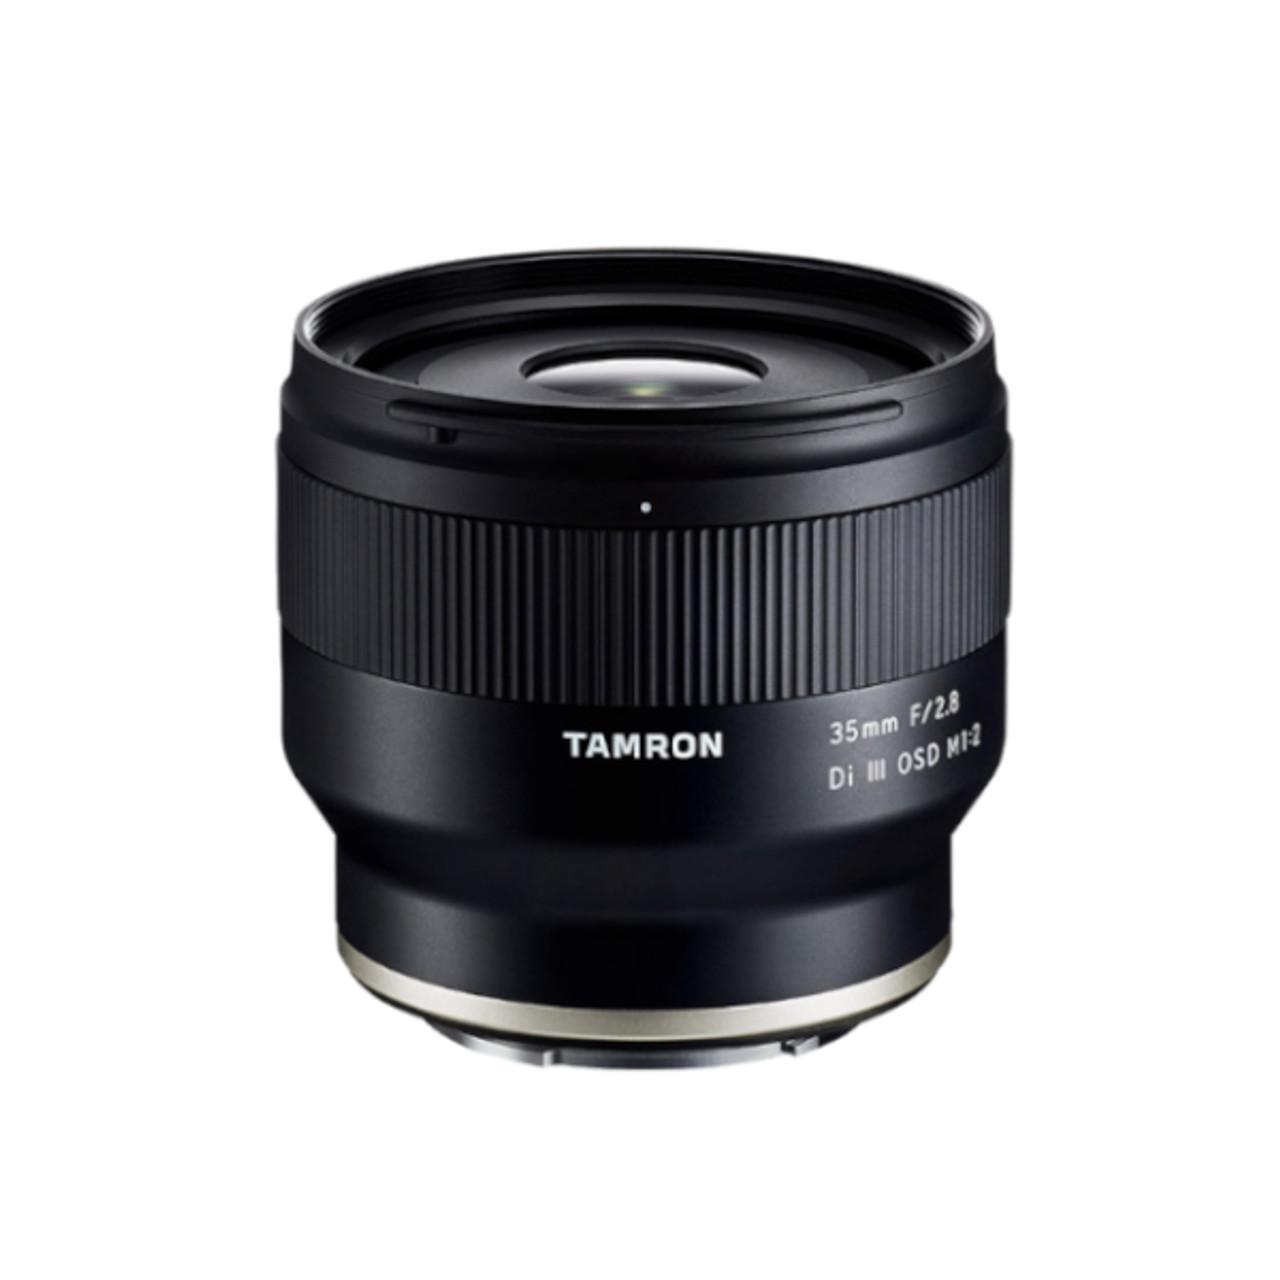 Tamron 35mm F/2.8 Di III OSD Macro 1:2 (Sony FE)